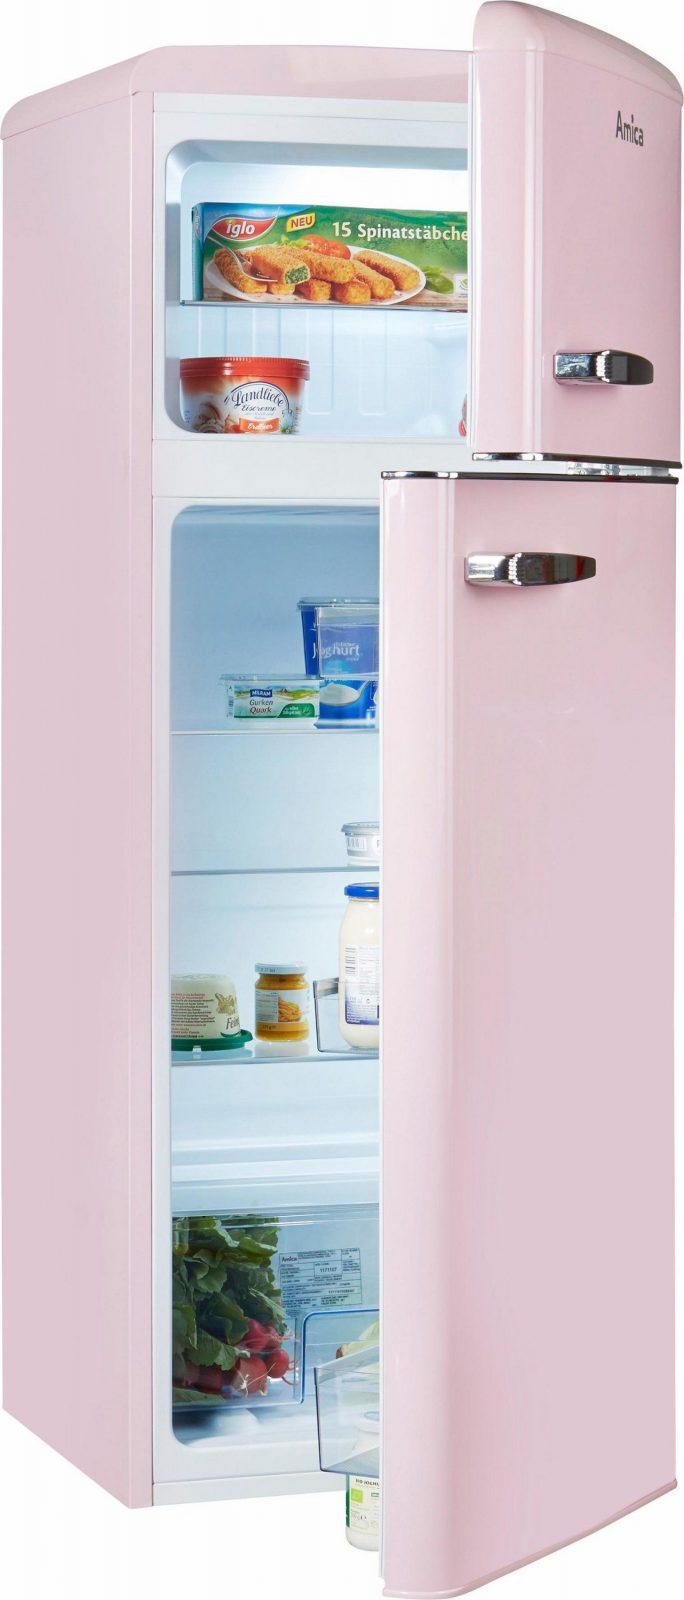 Amica Kühlgefrierkombination 144 Cm Hoch 55 Cm Breit Auf von Kühlschränke 55 Cm Breit Photo